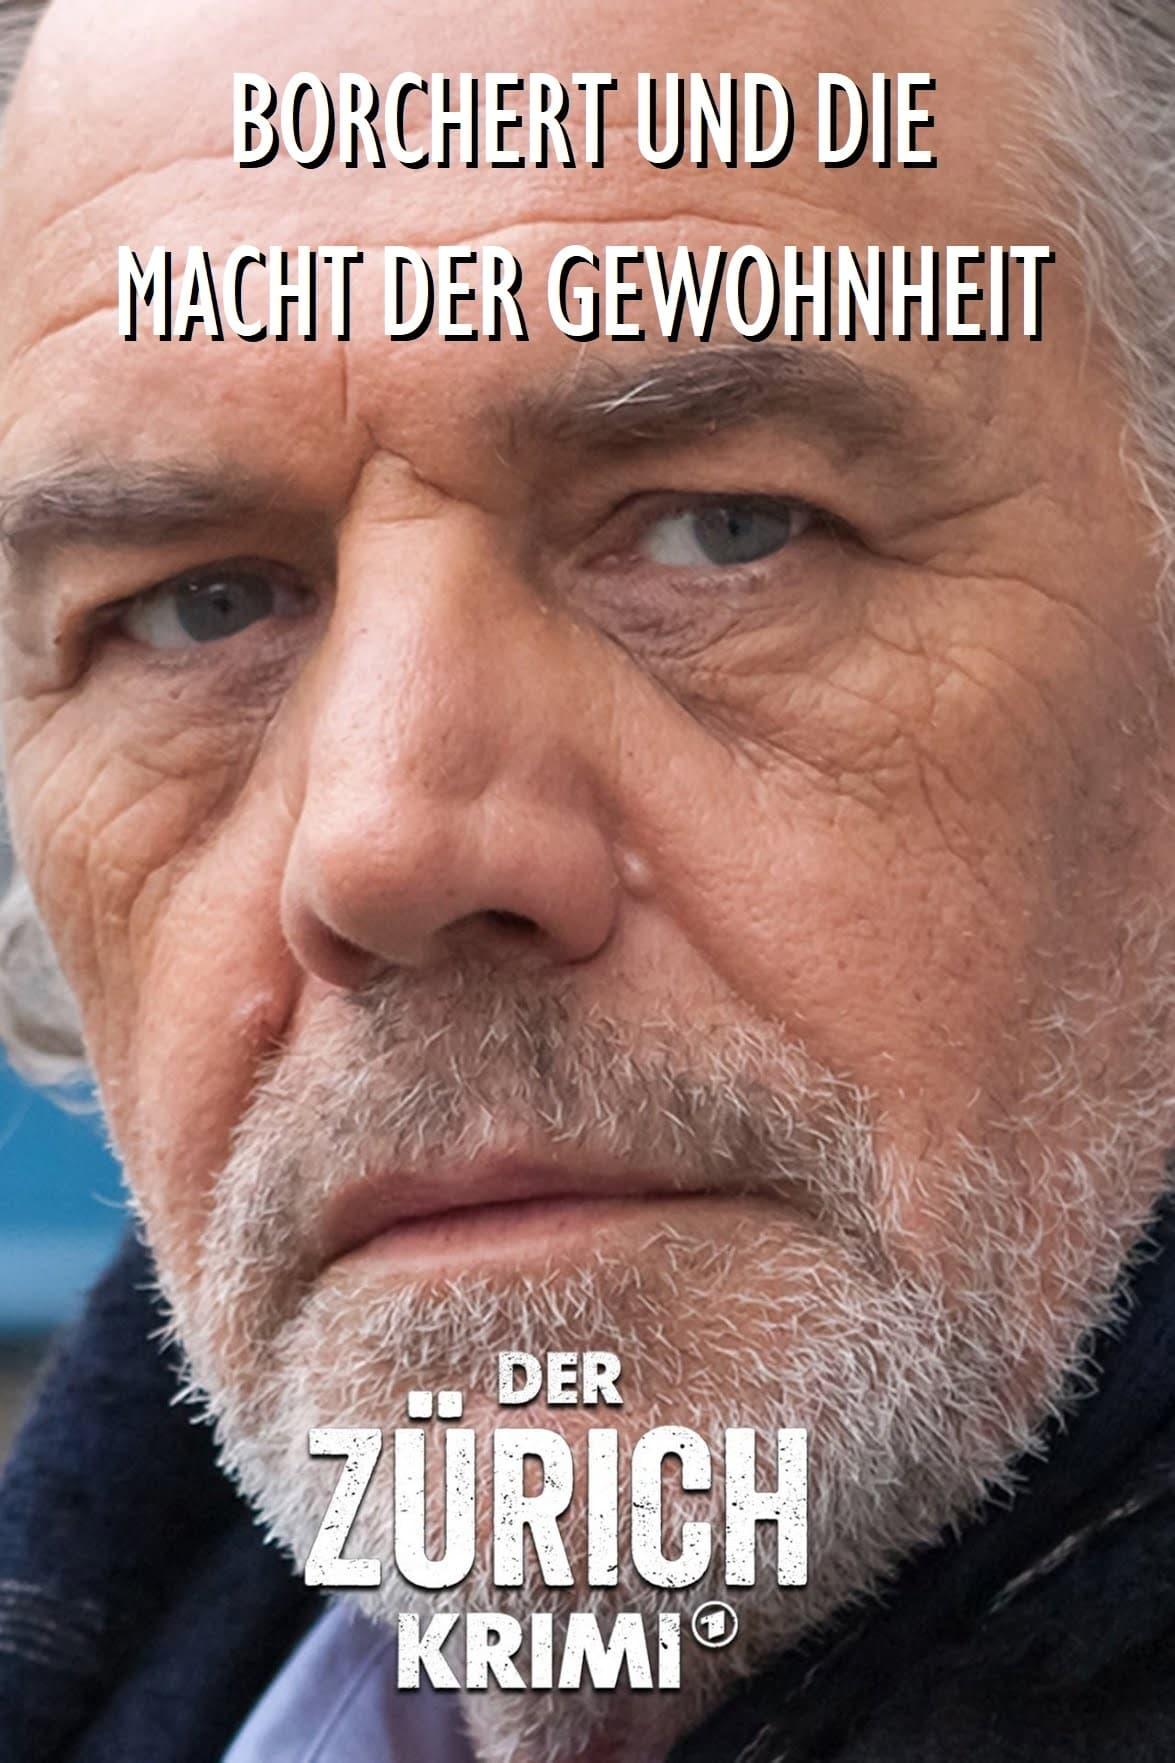 Der Zürich-Krimi: Borchert und die Macht der Gewohnheit